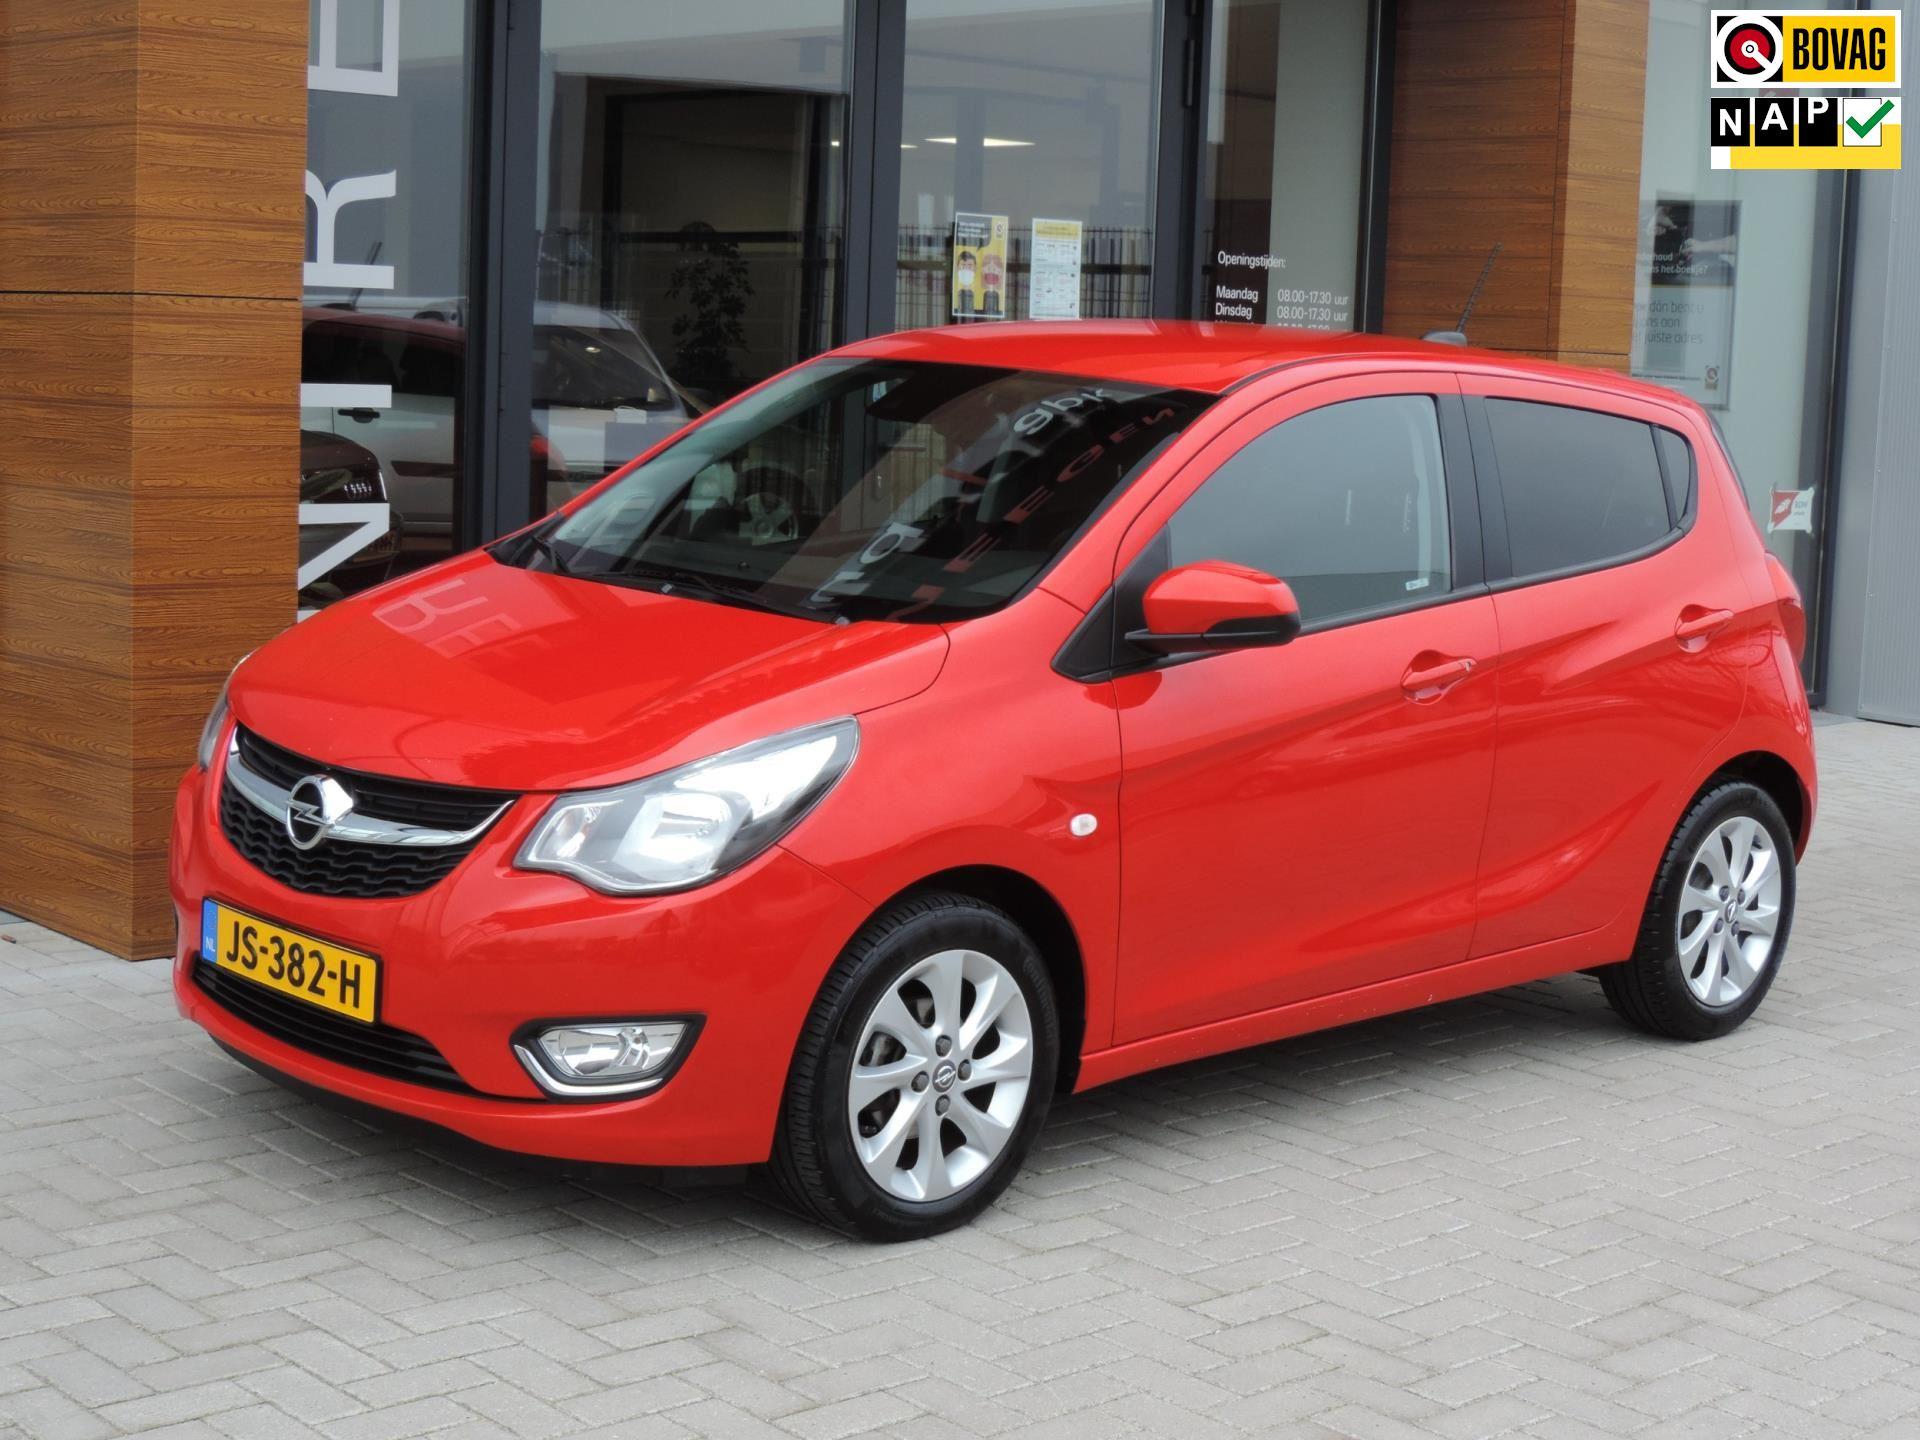 Opel KARL occasion - Autobedrijf van Meegen